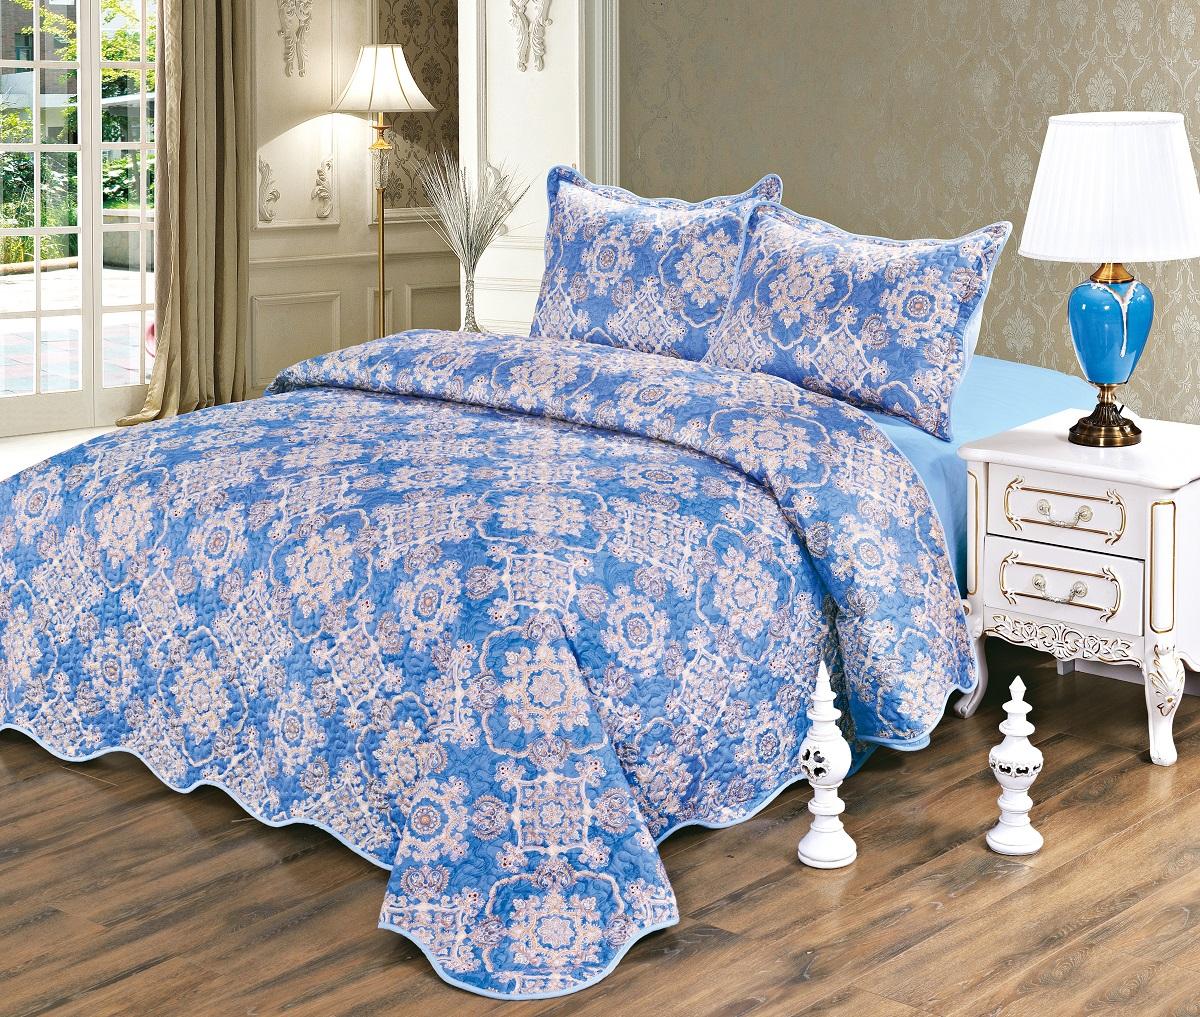 Комплект для спальни Karna Gretal: покрывало 230 х 250 см, 2 наволочки 50 х 70 см, цвет: zumrut6002